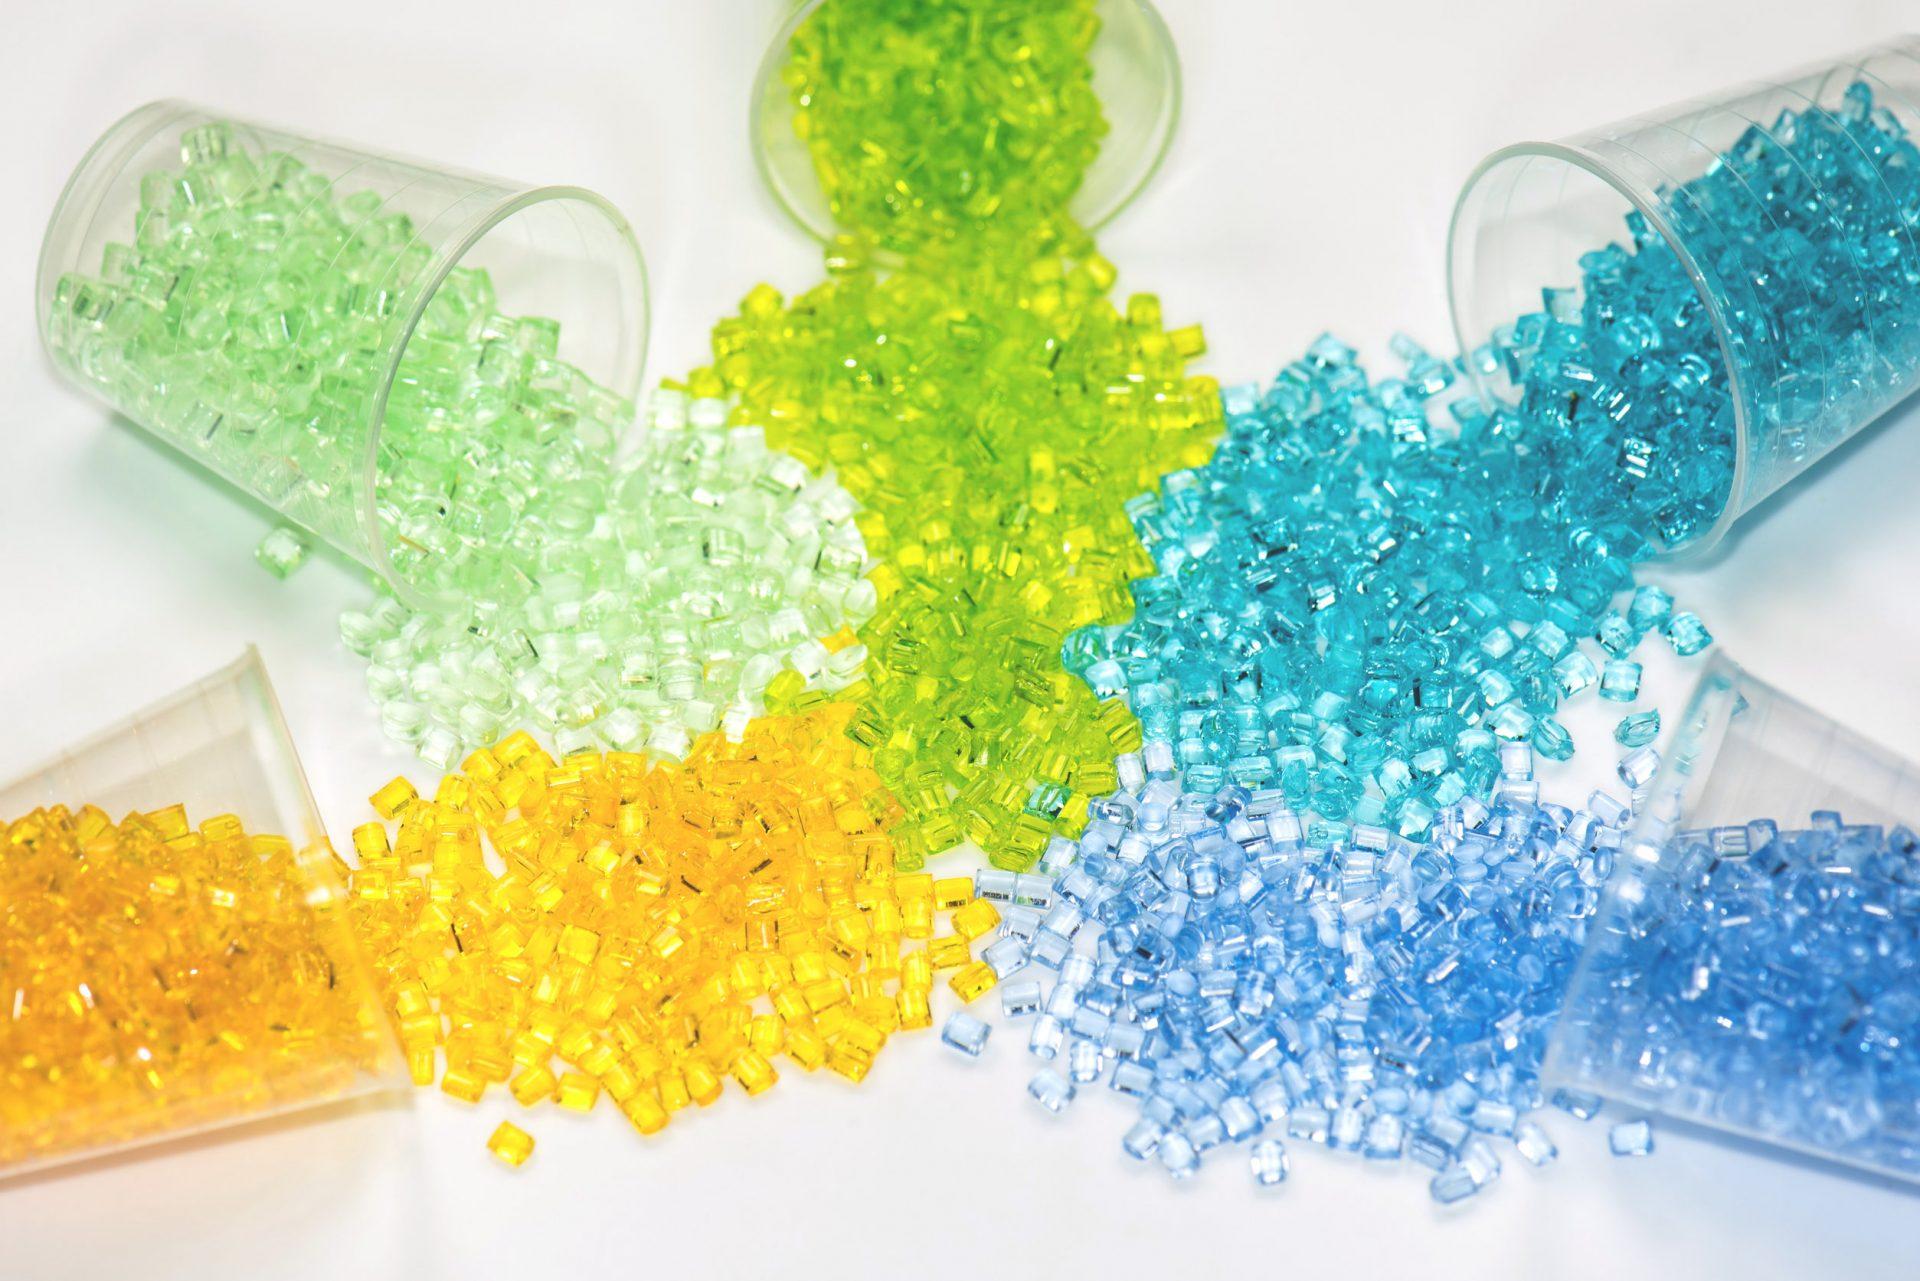 acabar con la resina plastica